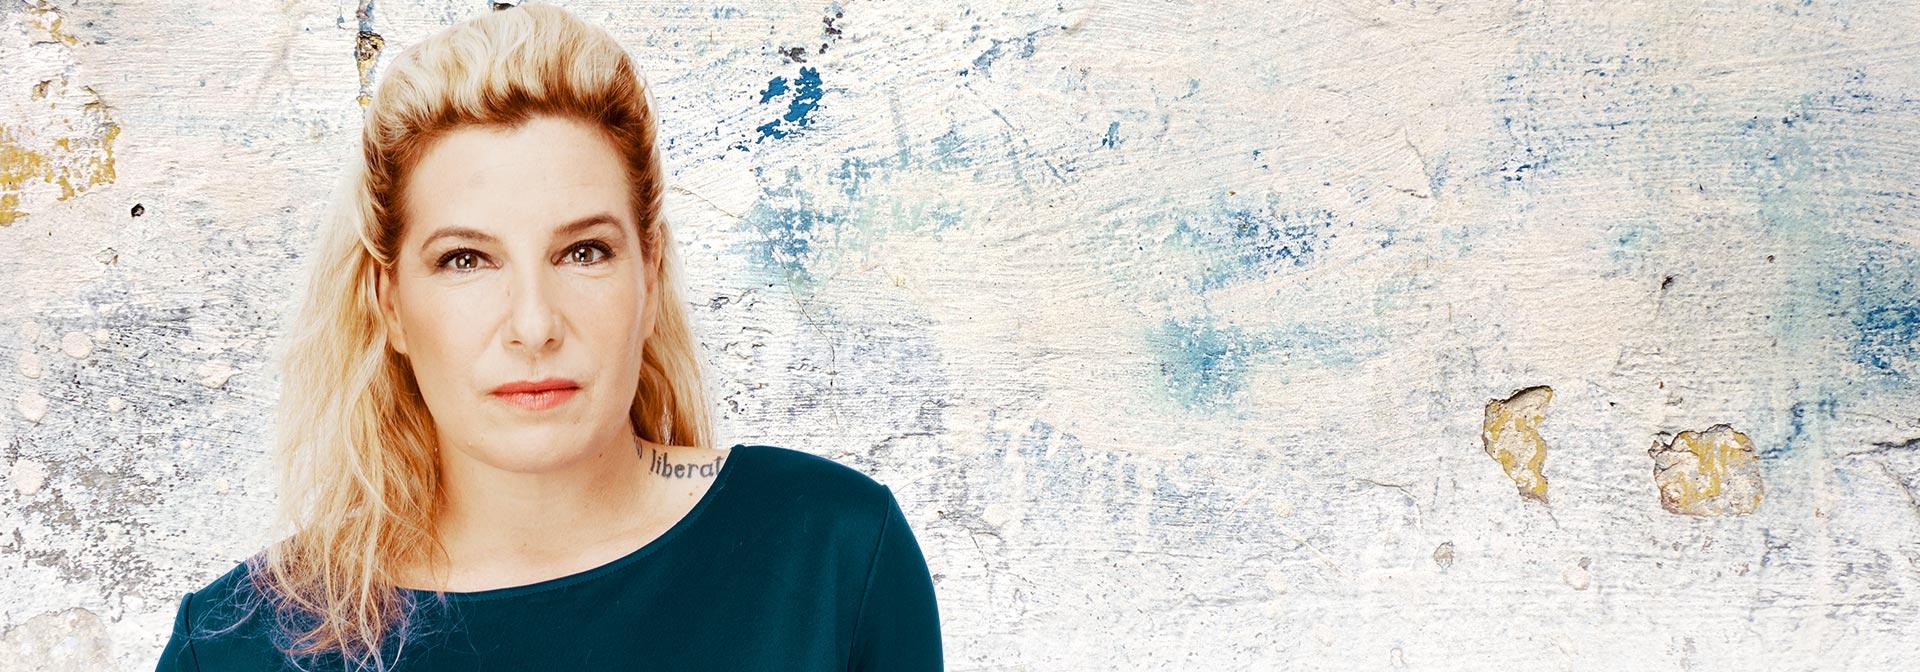 ליידי גלובס מציג: 20 האקטיביסטיות המשפיעות בישראל 2018 - טל גלבוע / צילום: ענבל מרמרי